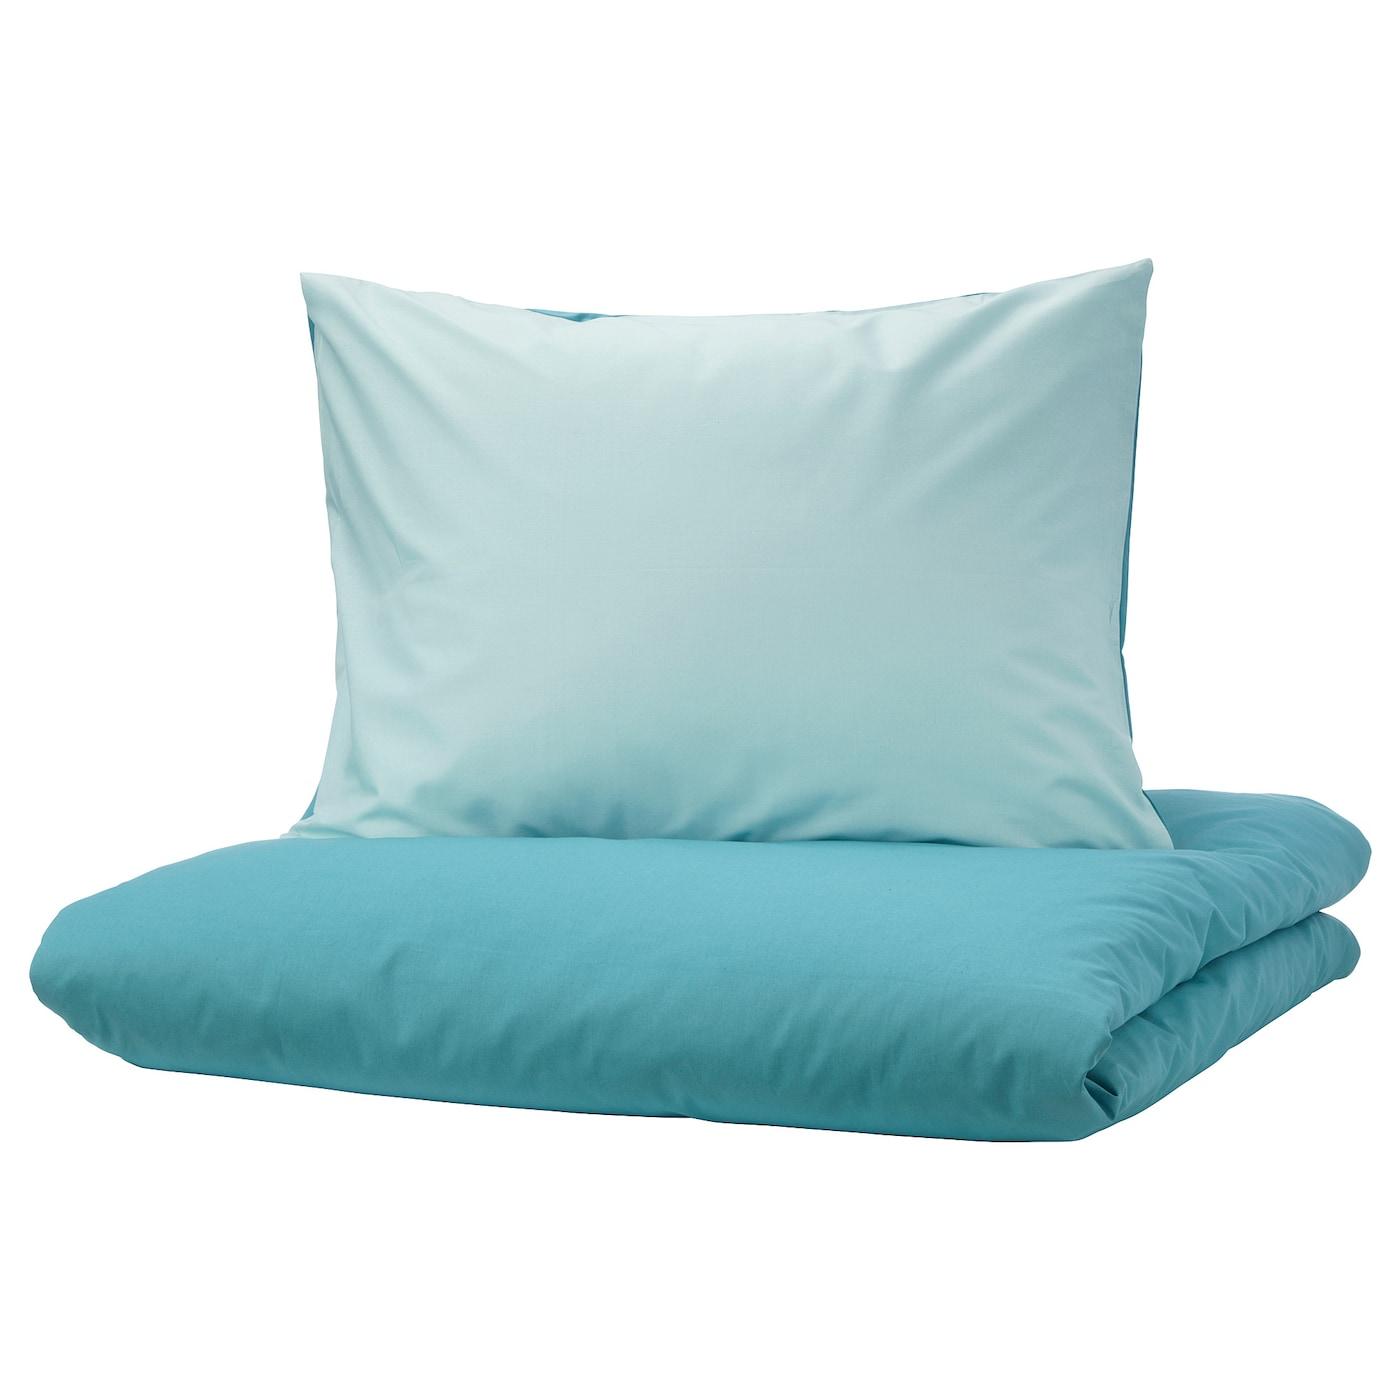 Dvala Housse De Couette Et Taie Bleu 150 X 200 50 X 60 Cm Ikea